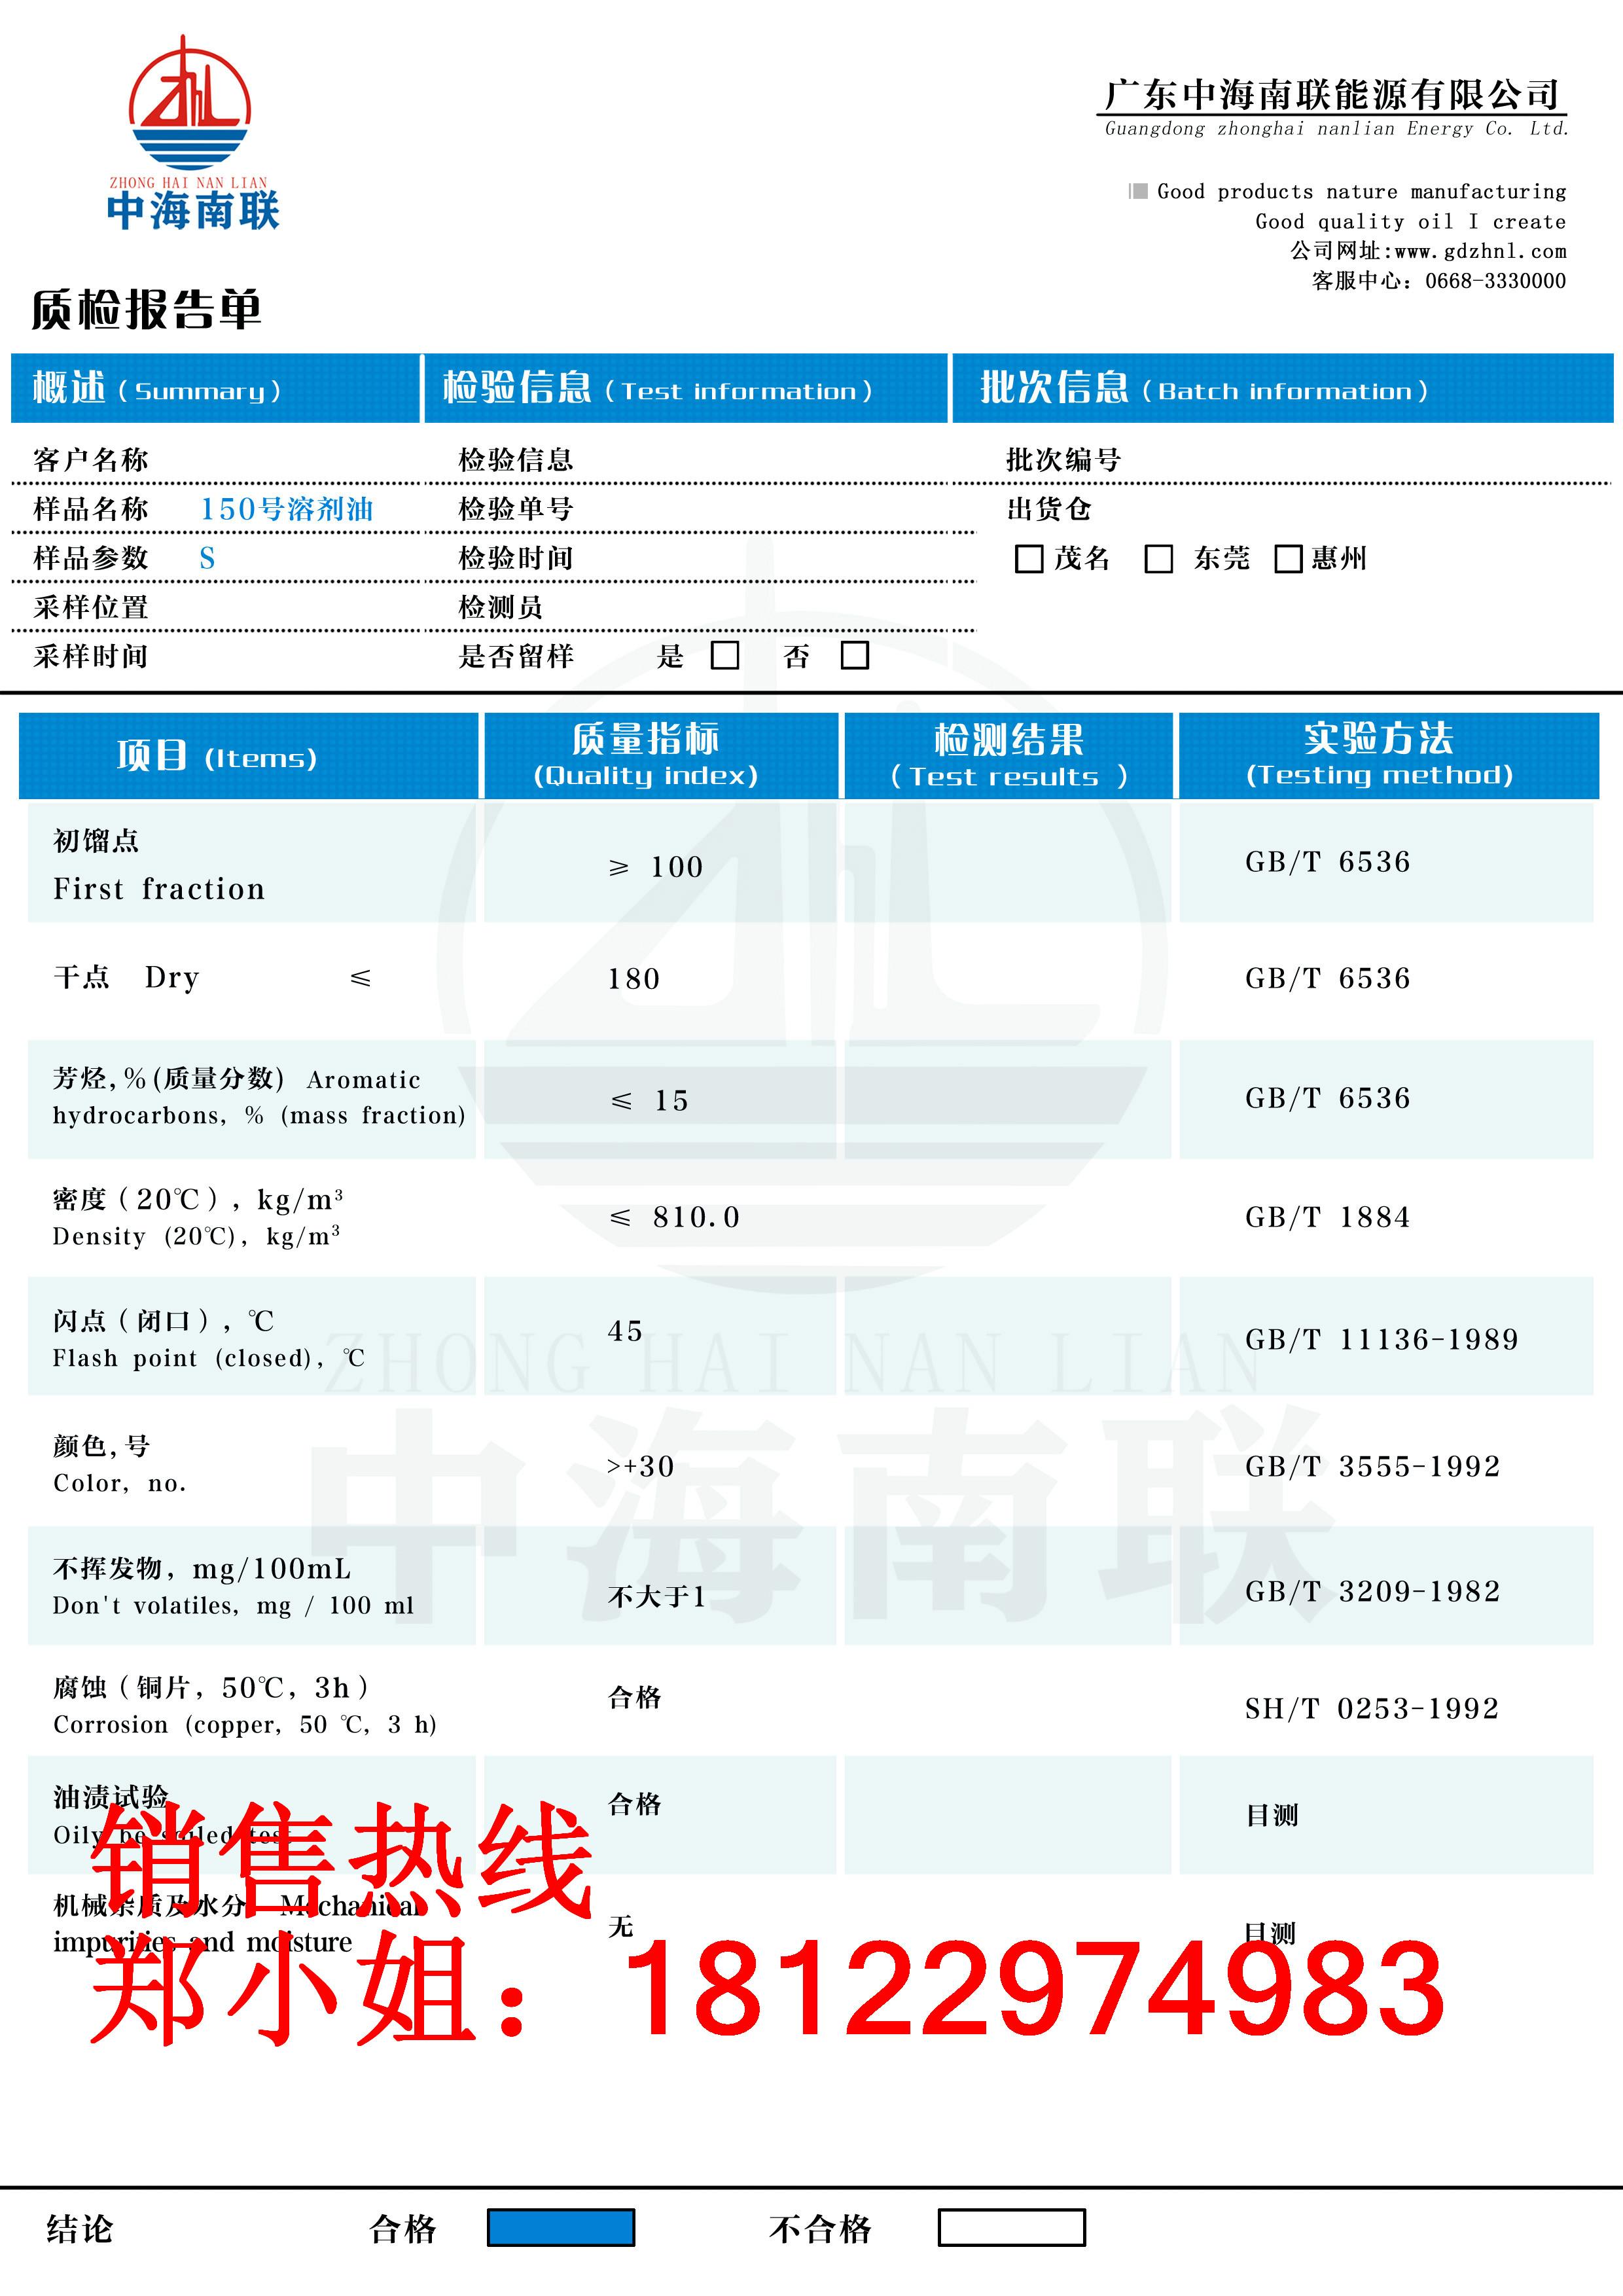 芳烃溶剂油—东莞长安、虎门、厚街150号溶剂油批发销售价格